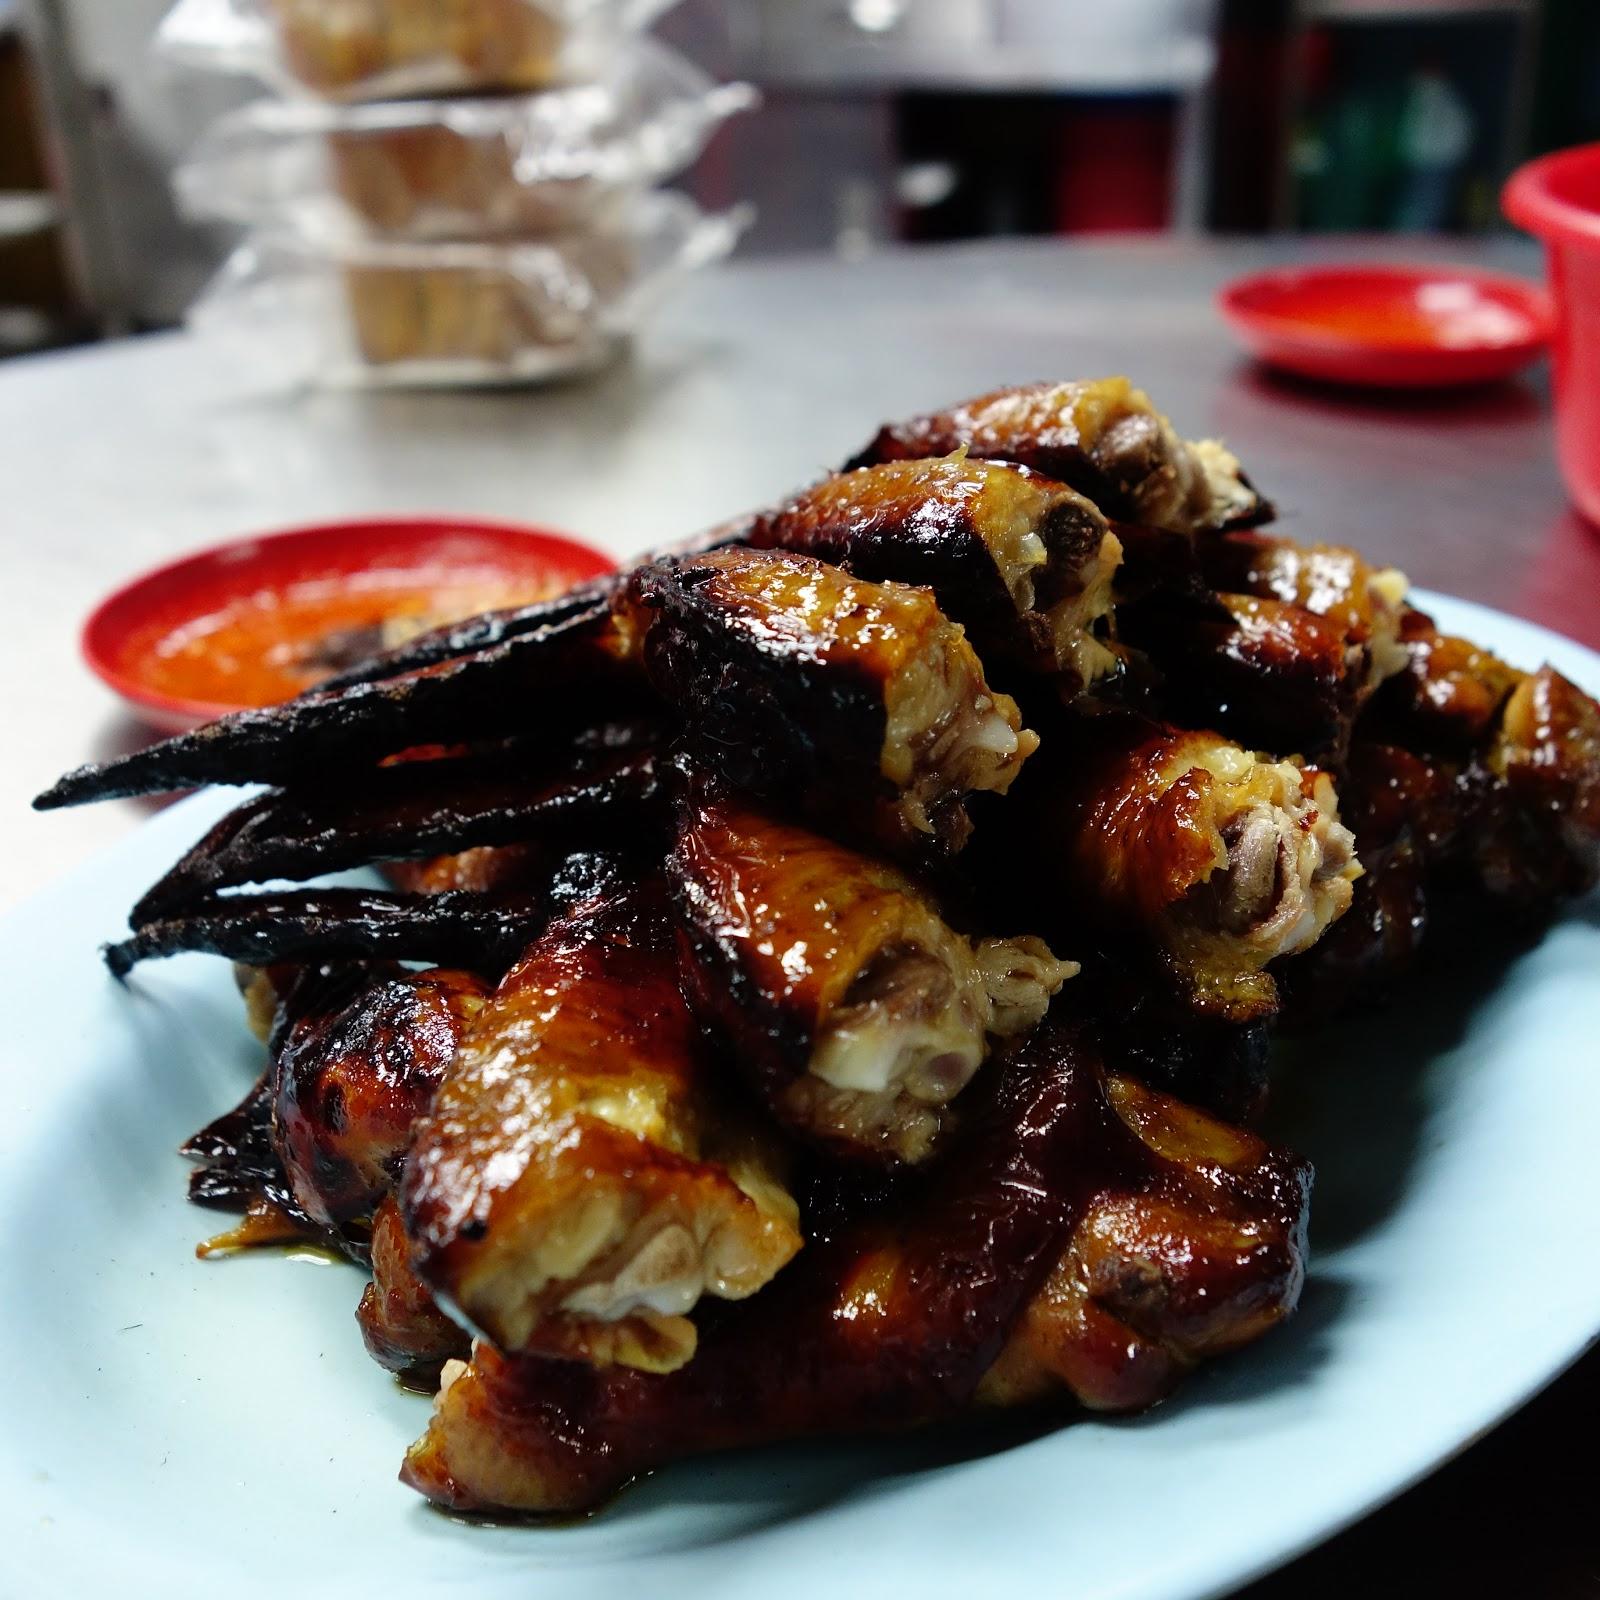 日訪愛祈: 晚餐 @ 黃亞華小食店